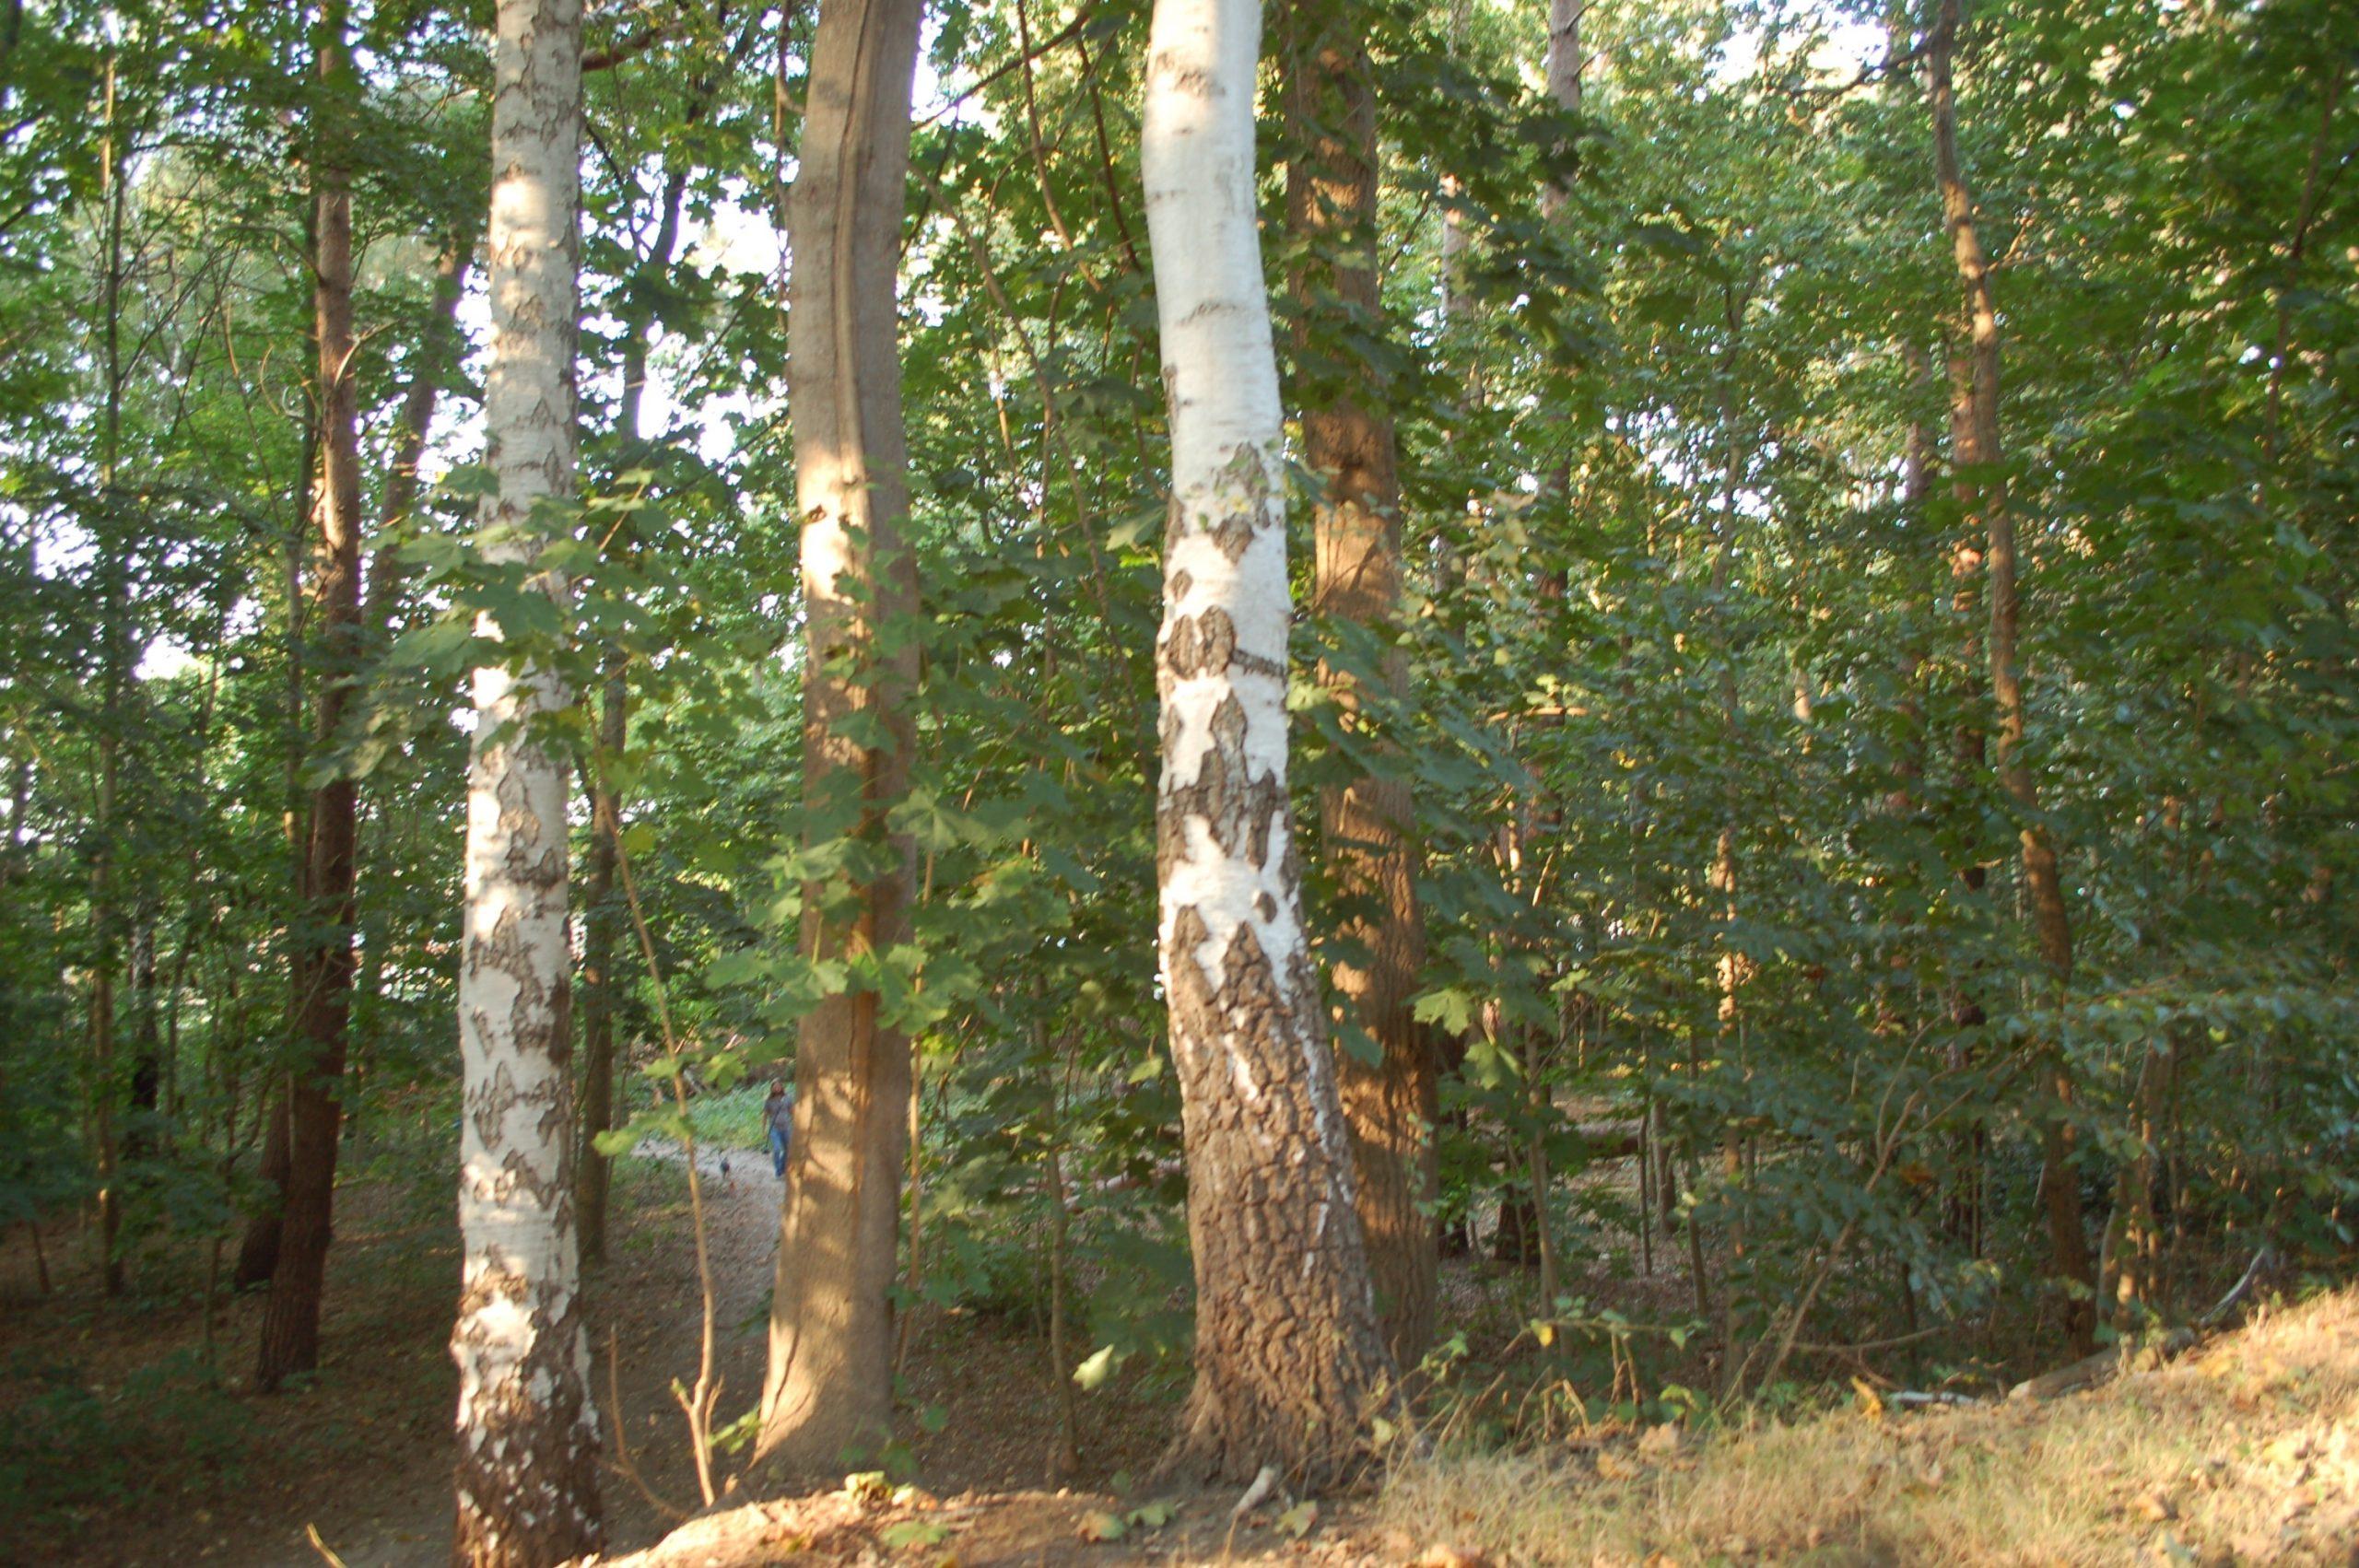 mk -Die Trockenheit der vergangenen Jahre führt aktuell zu plötzlichen Grünastabbrüchen an Bäumen